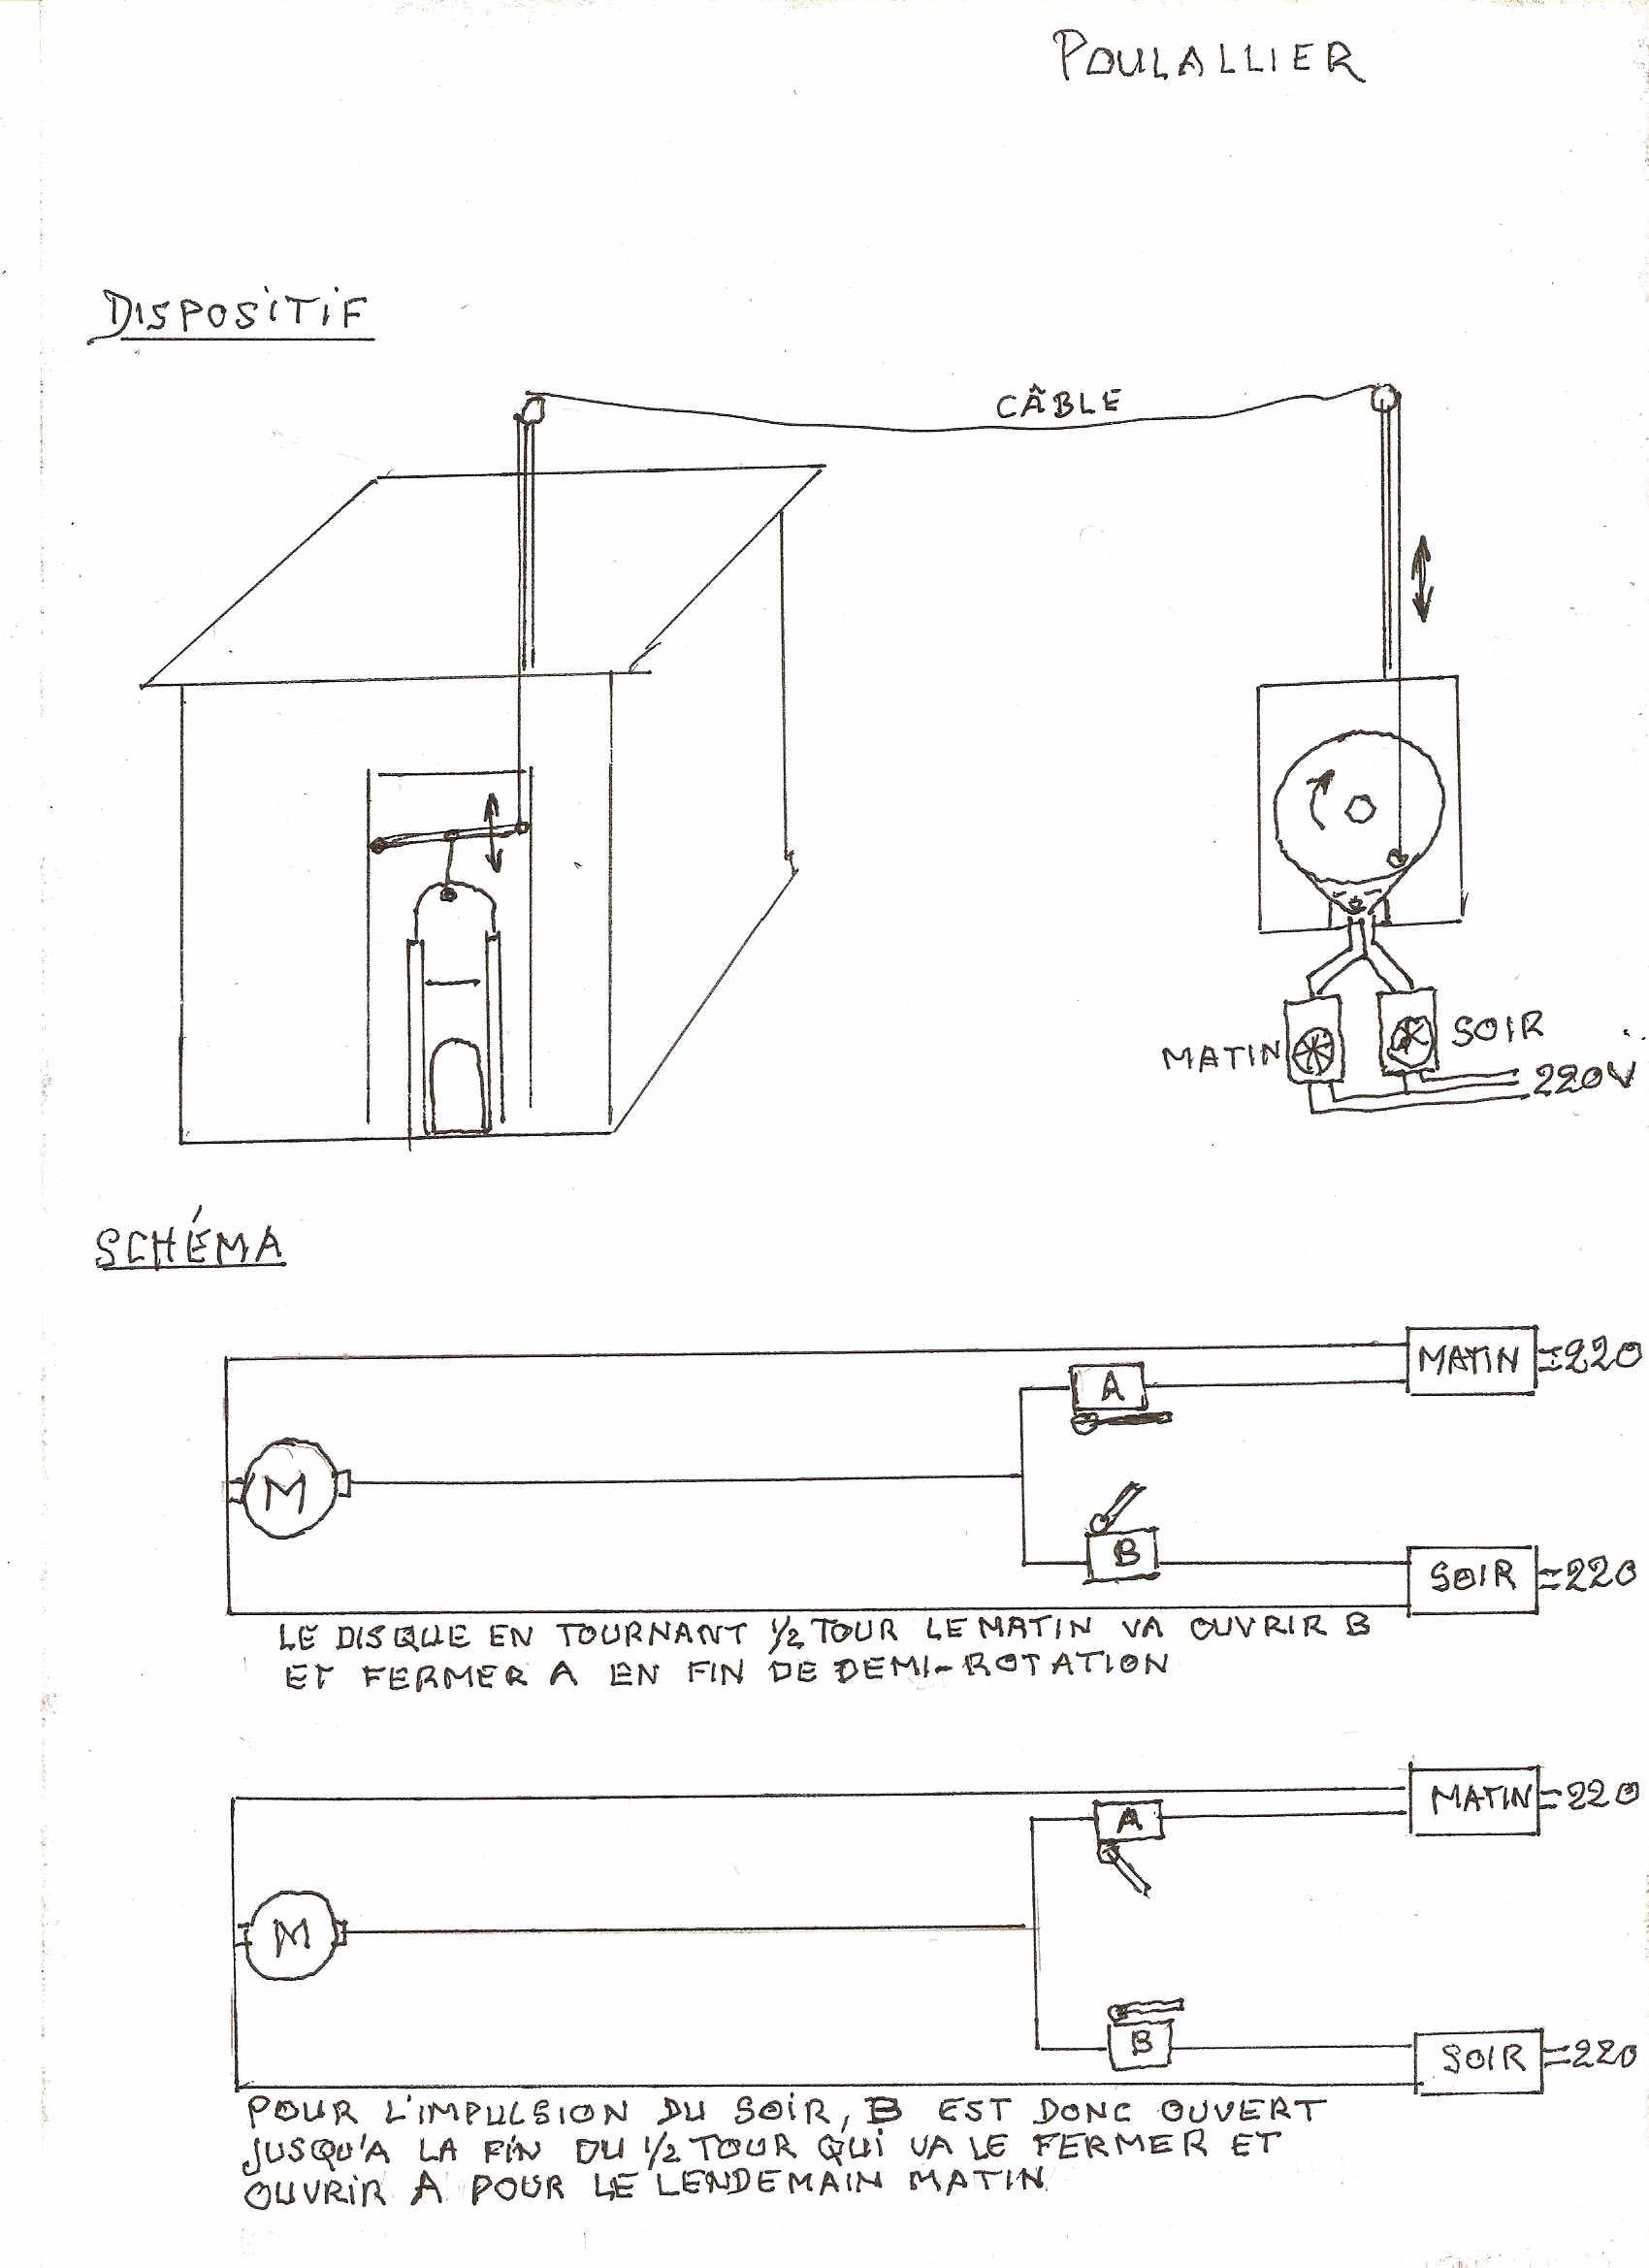 Croquis poulailler avec porte automatique mon poulailler - Fermeture automatique porte poulailler ...